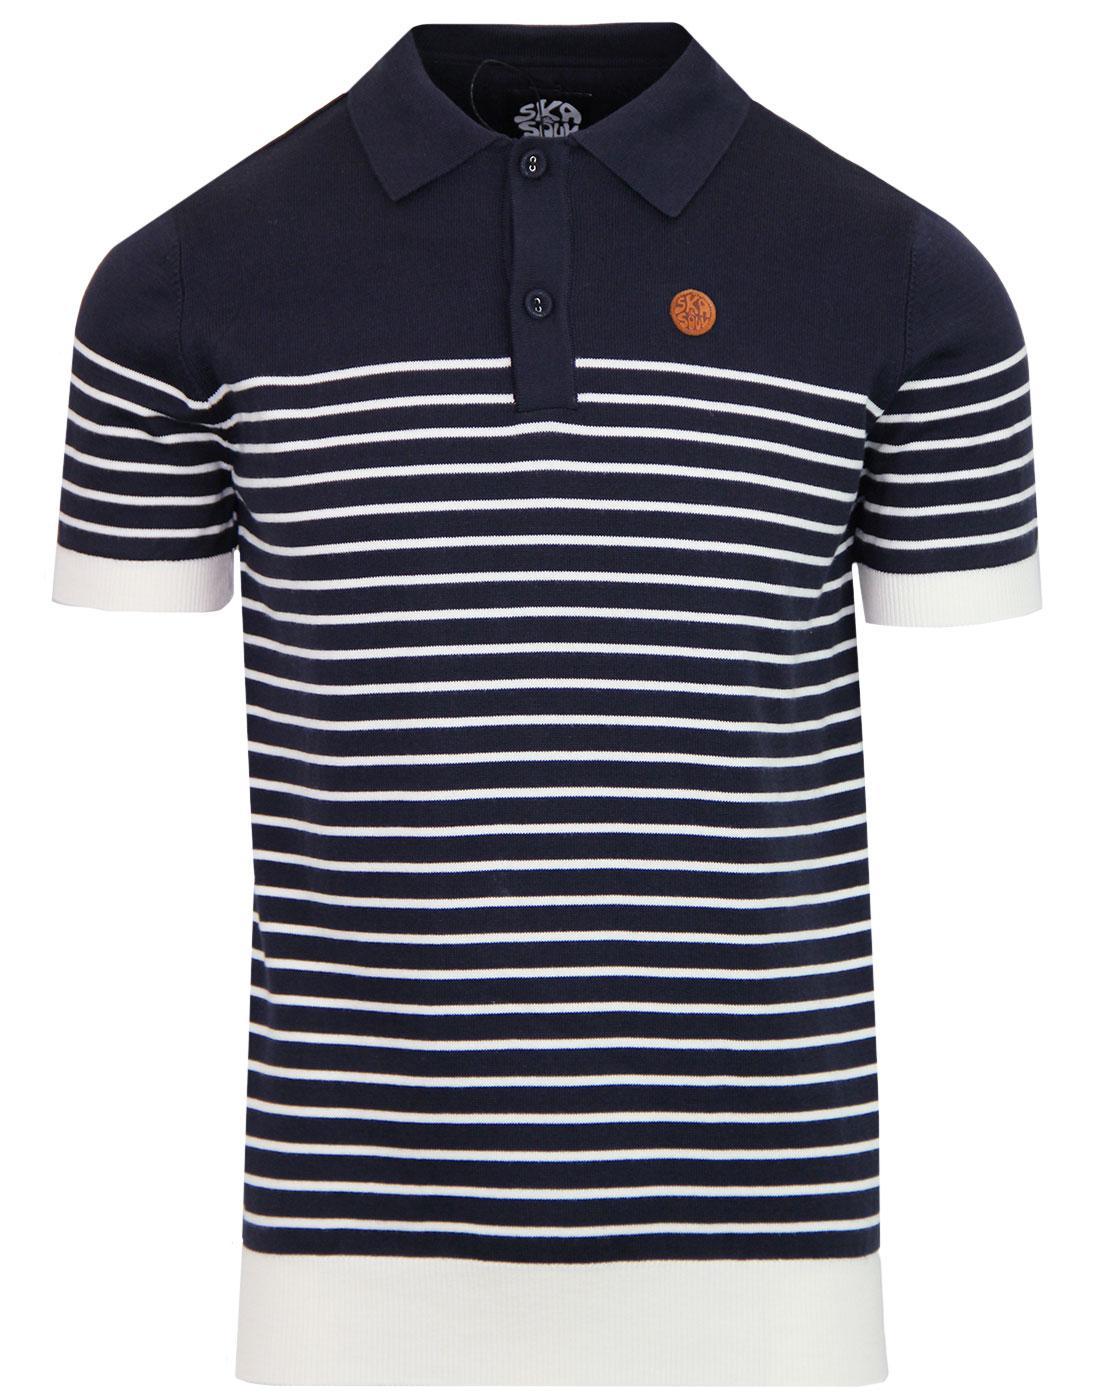 SKA & SOUL Mod Breton Stripe Knit Polo Shirt NAVY